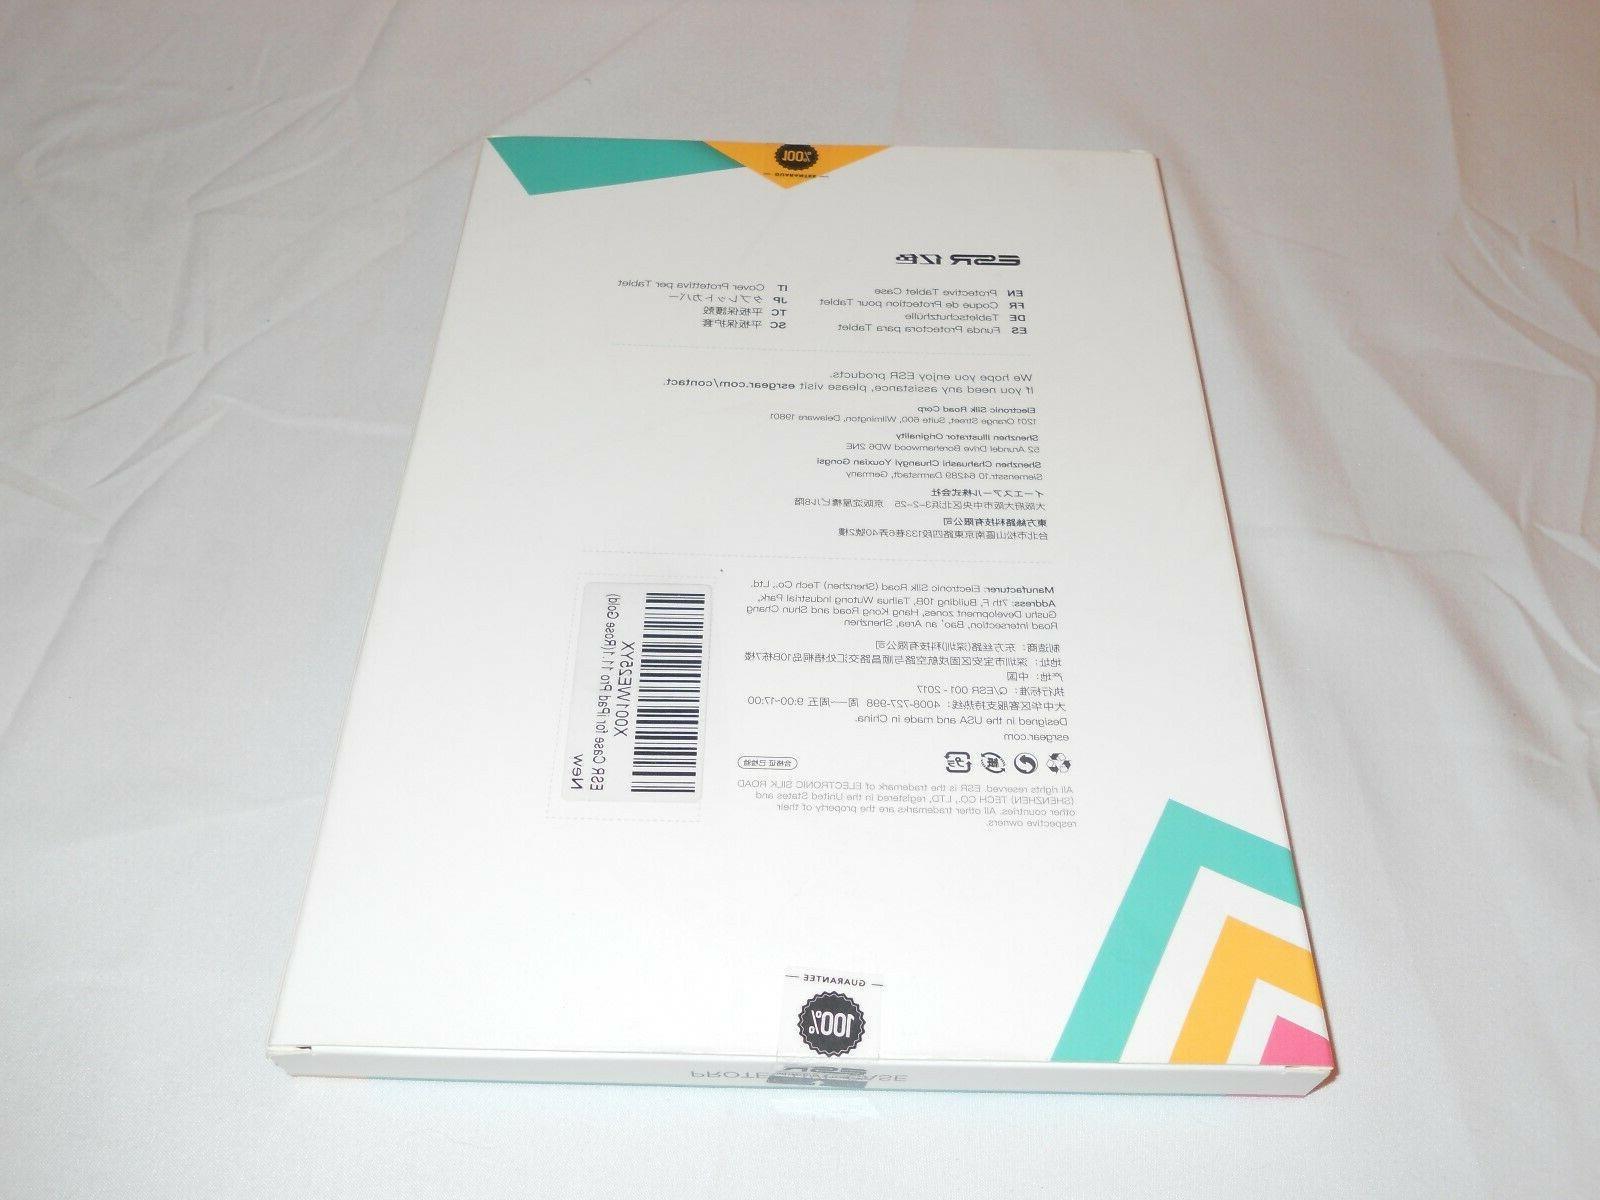 New Rose Pro Case Magnetic Folio